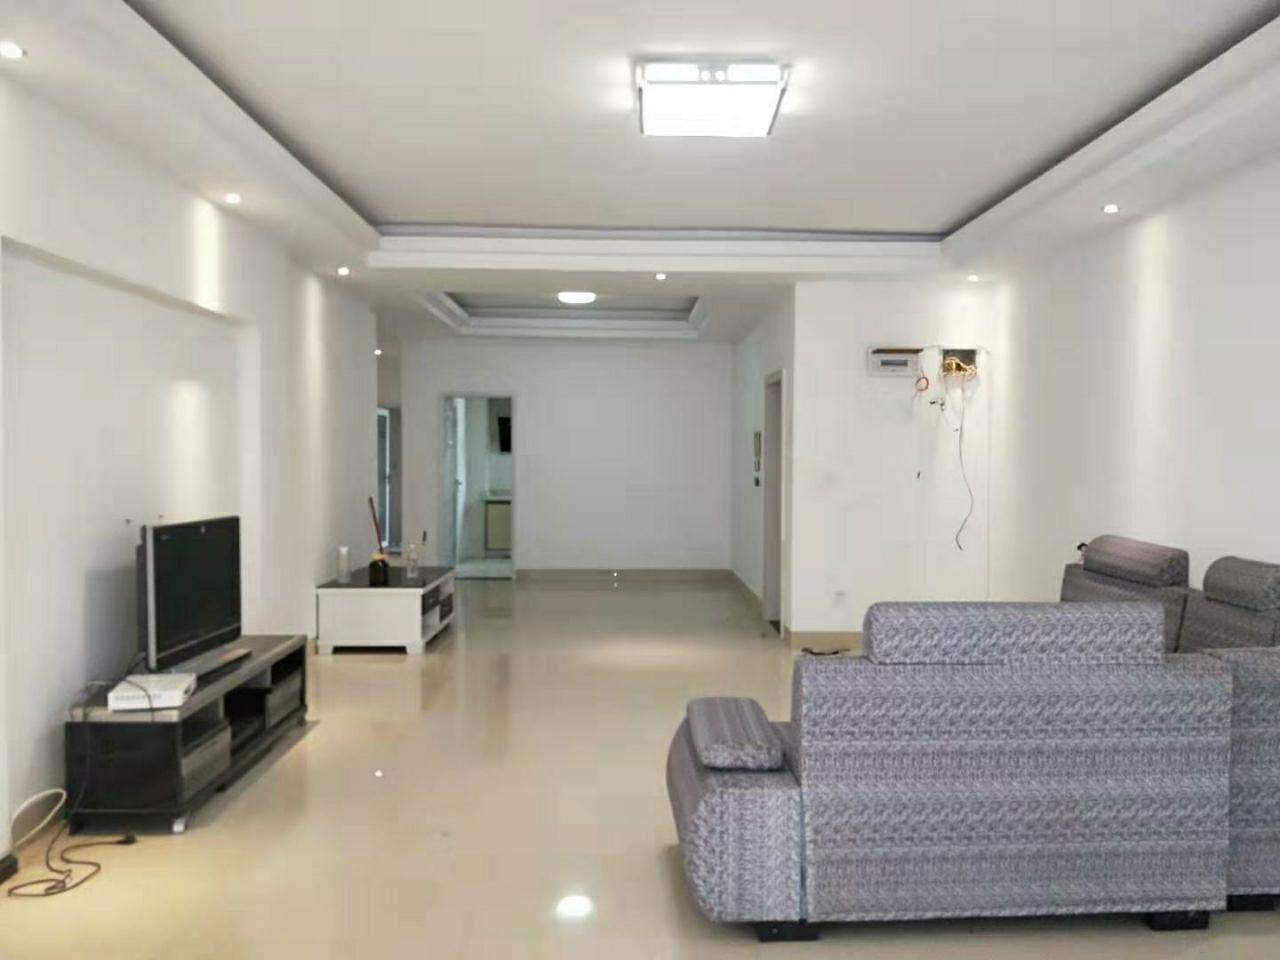 桂苑小区4室 2厅 2卫69.8万元